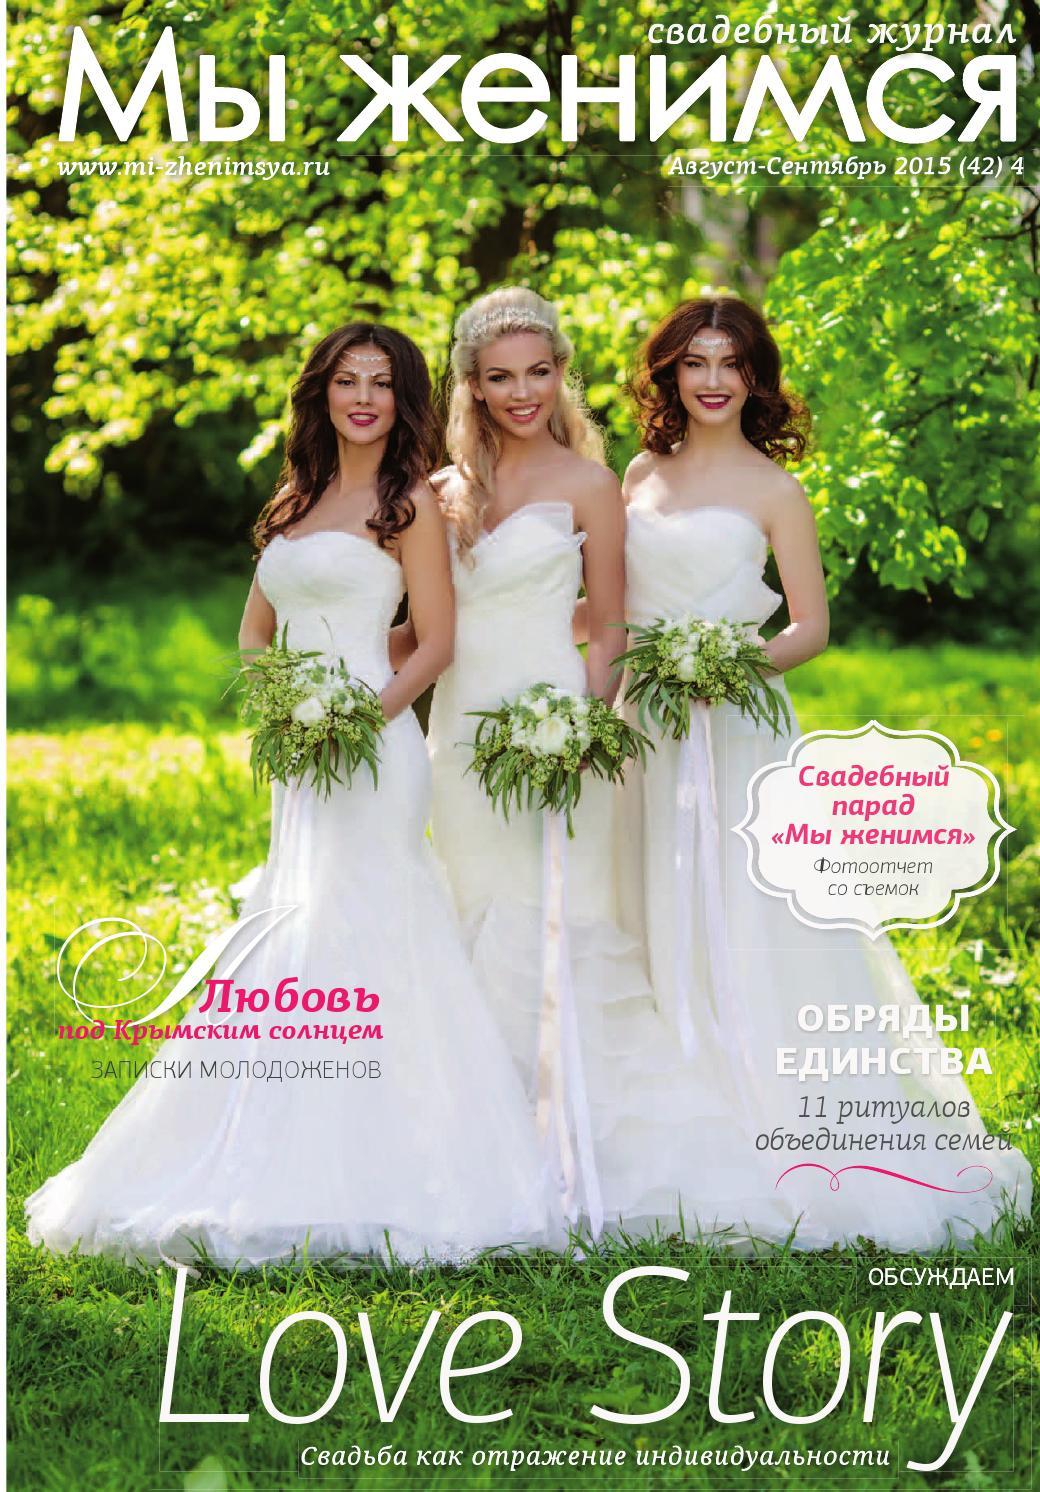 свадебное настроение журнал йошкар-ола